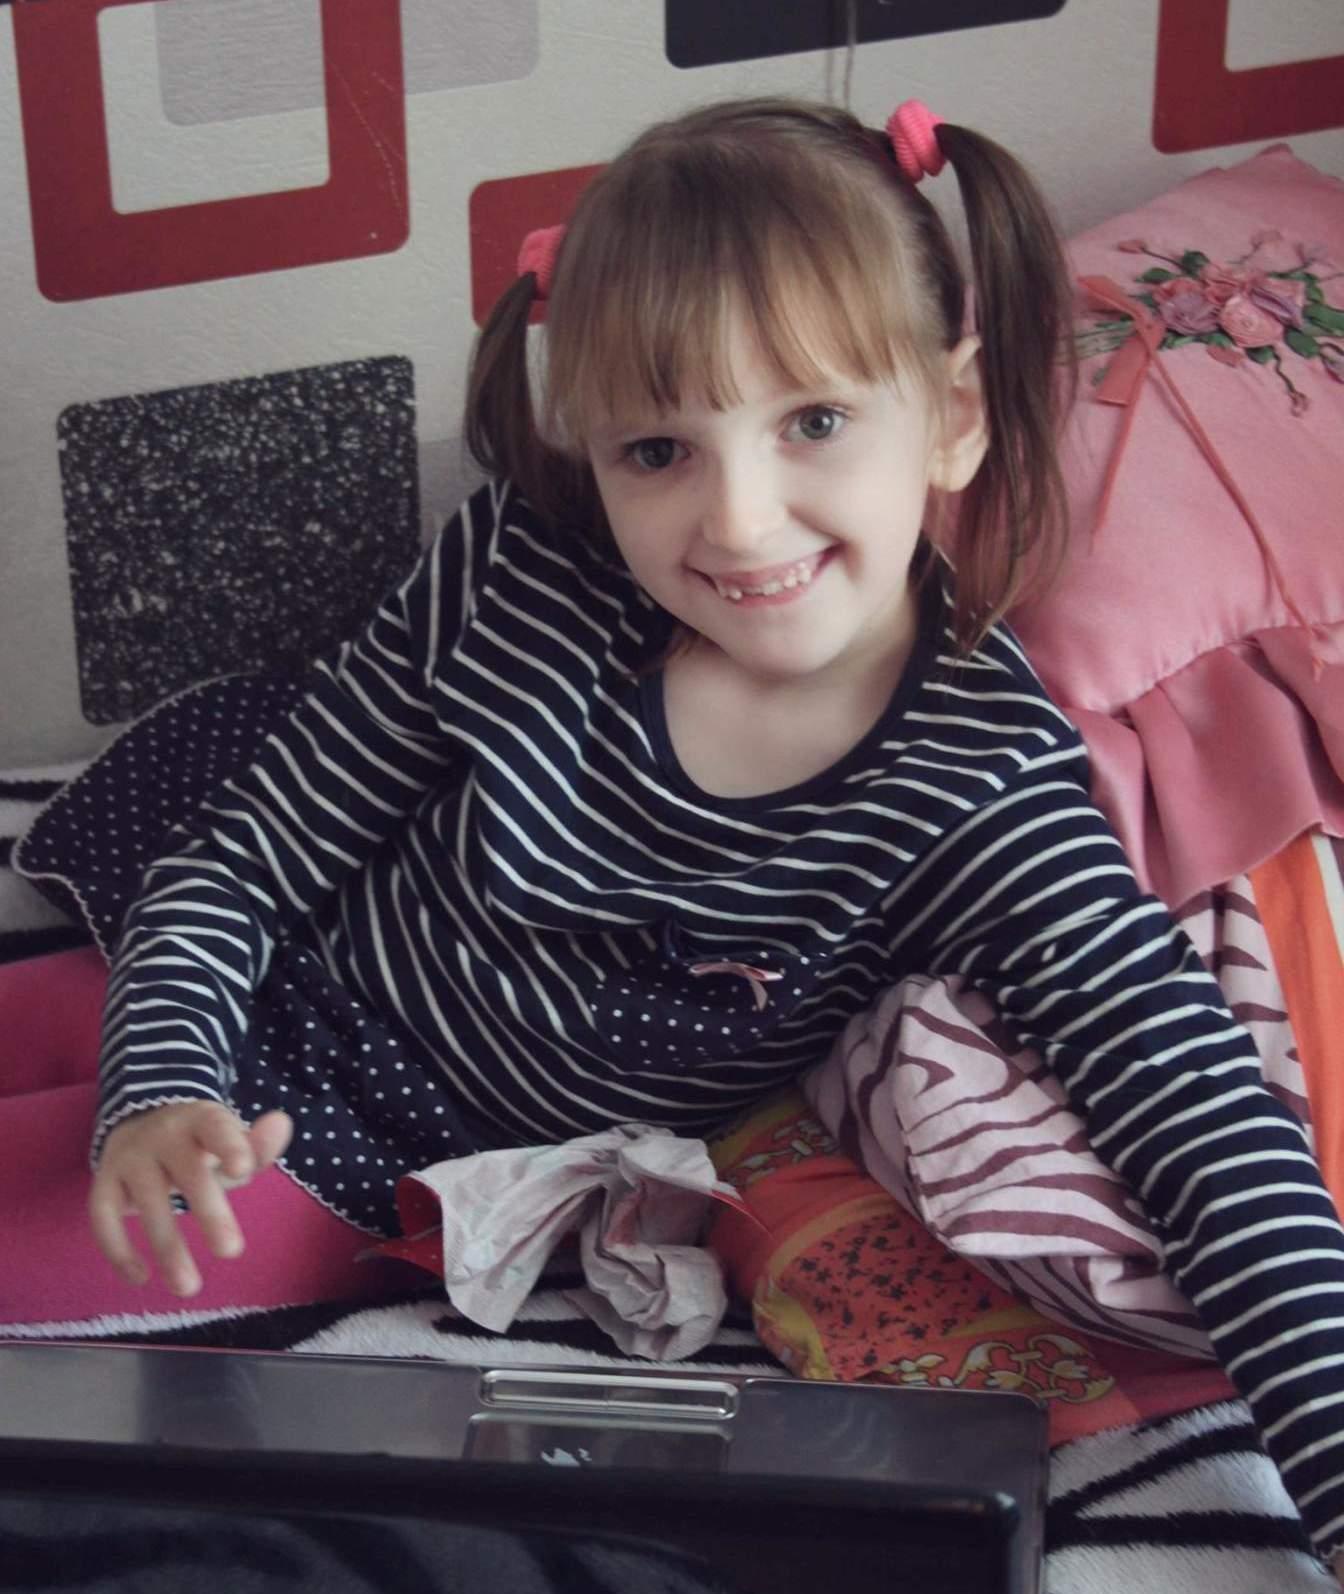 Сашу Якушенко ждут на срочную операцию в Греции! У девочки есть шанс встать с инвалидной коляски